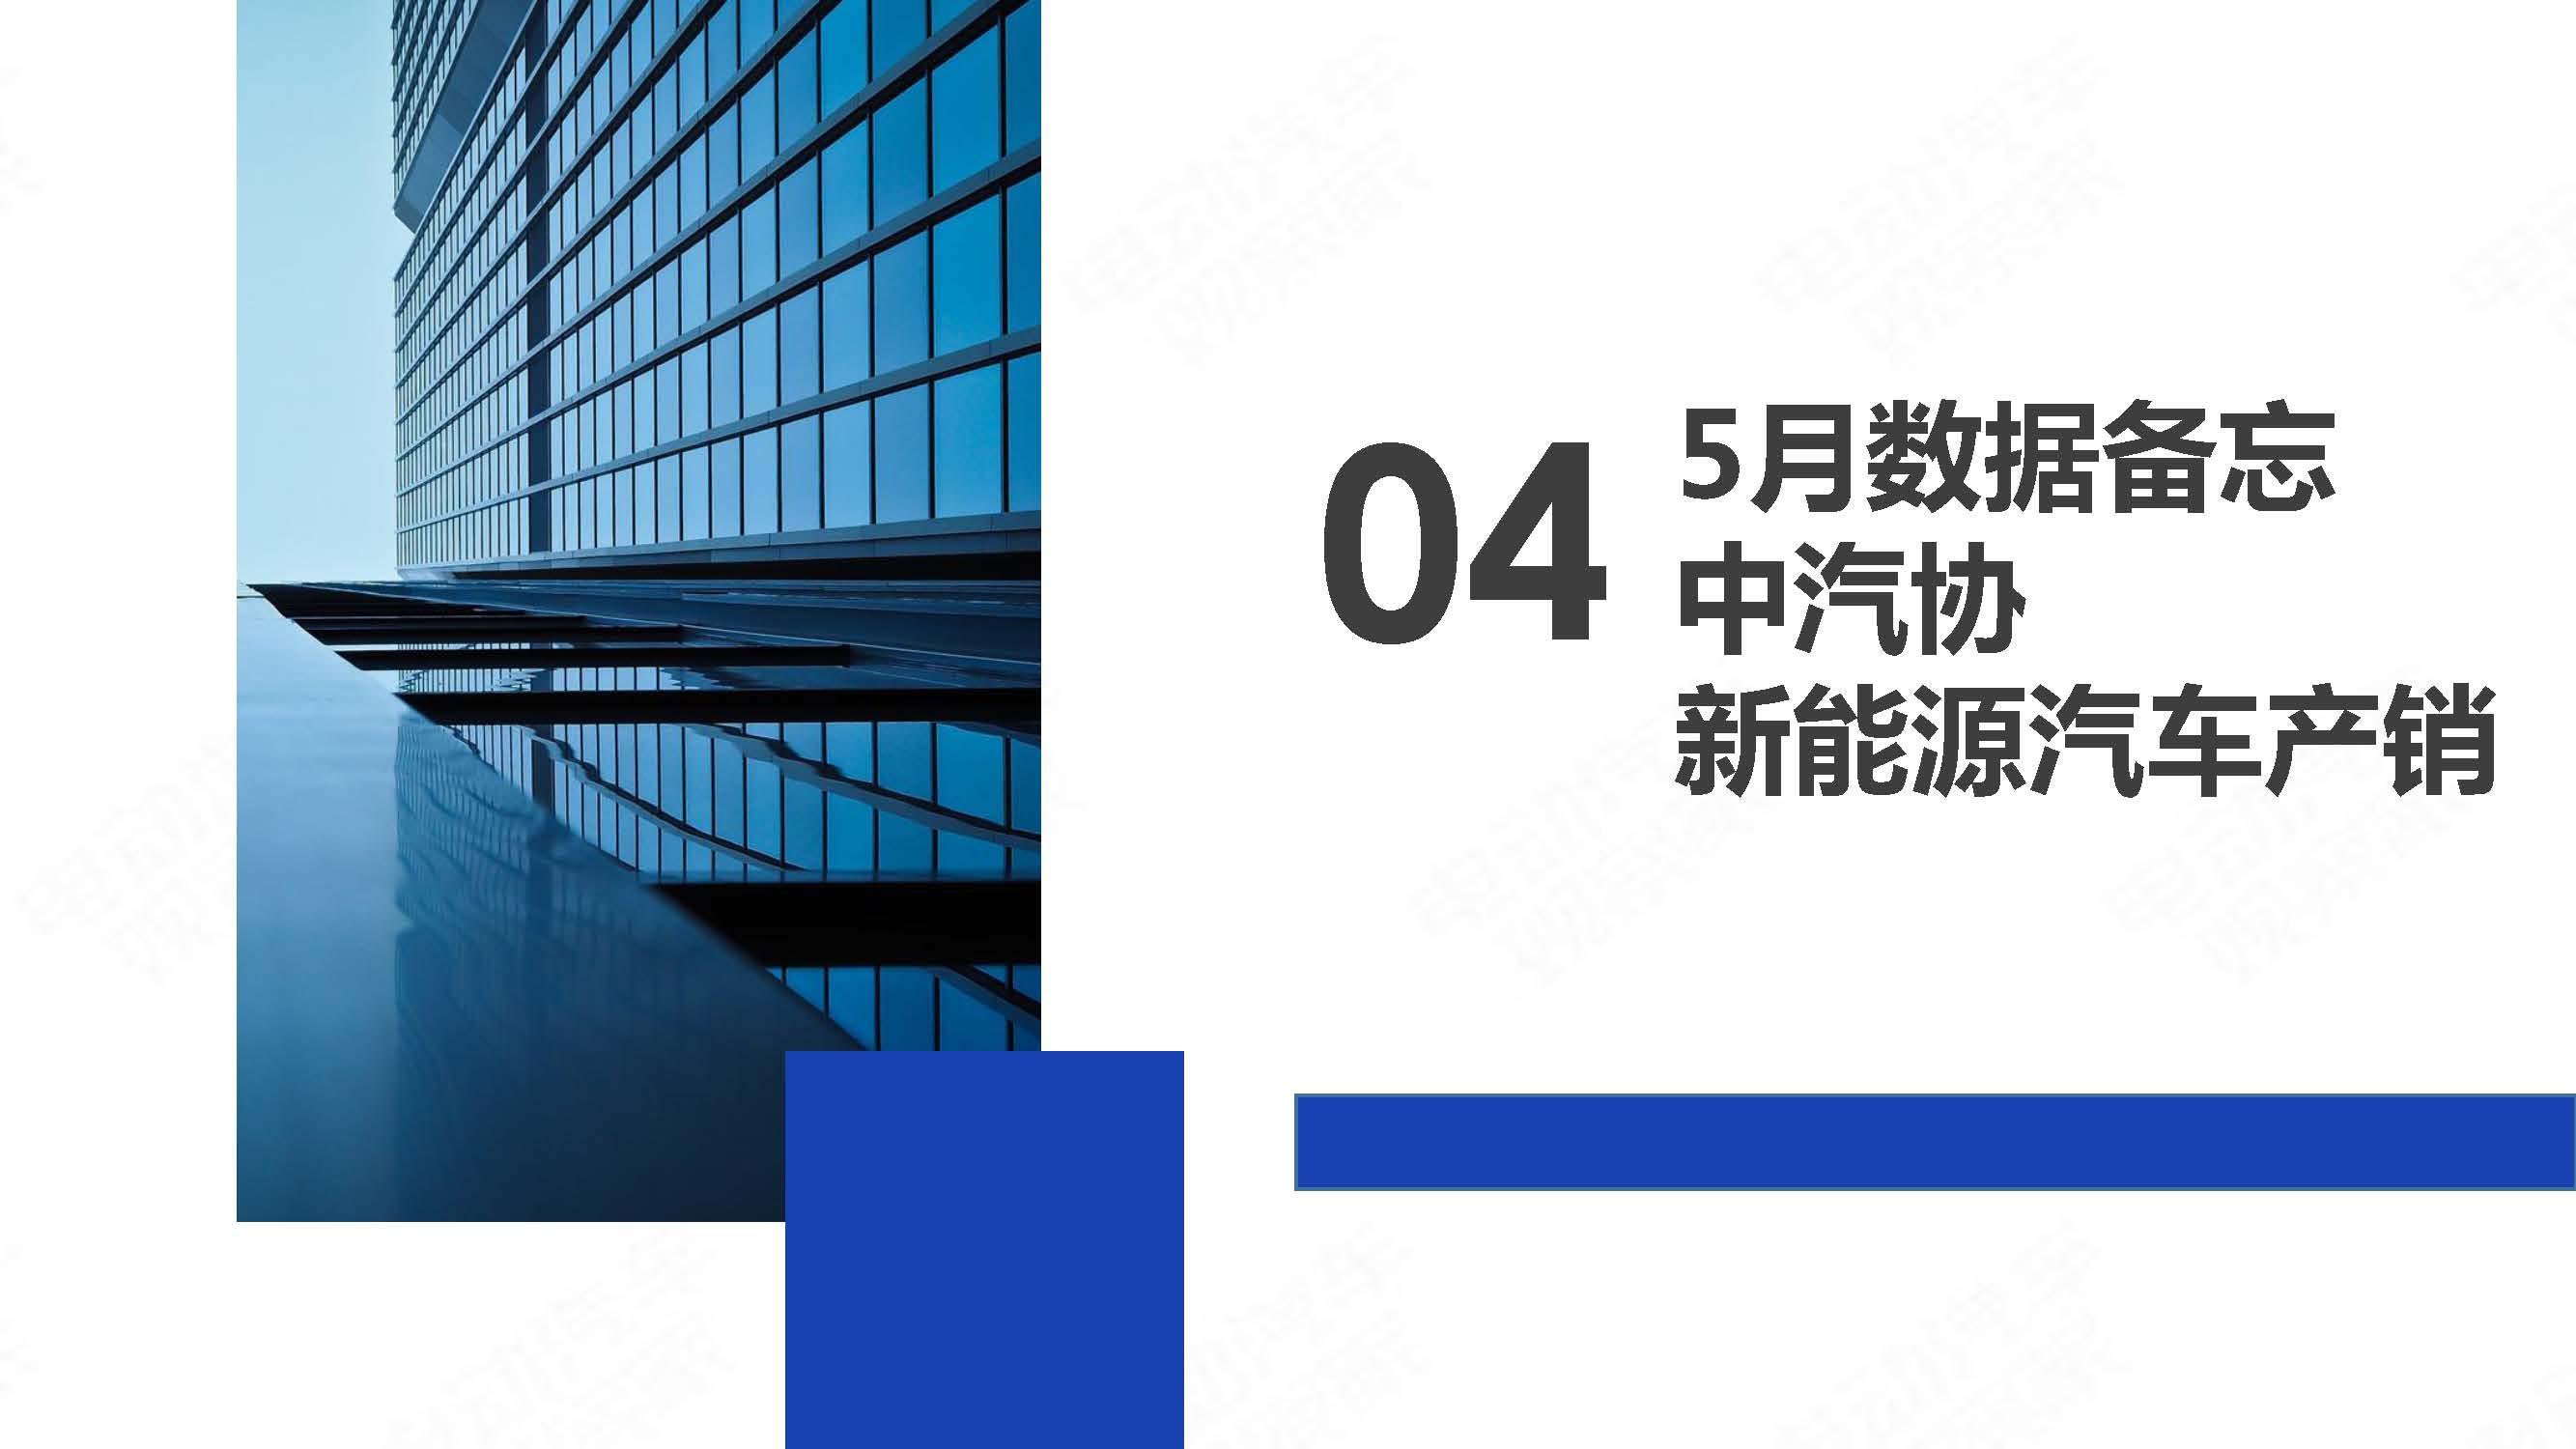 中国新能源汽车产业观察2020年5月简版_页面_31